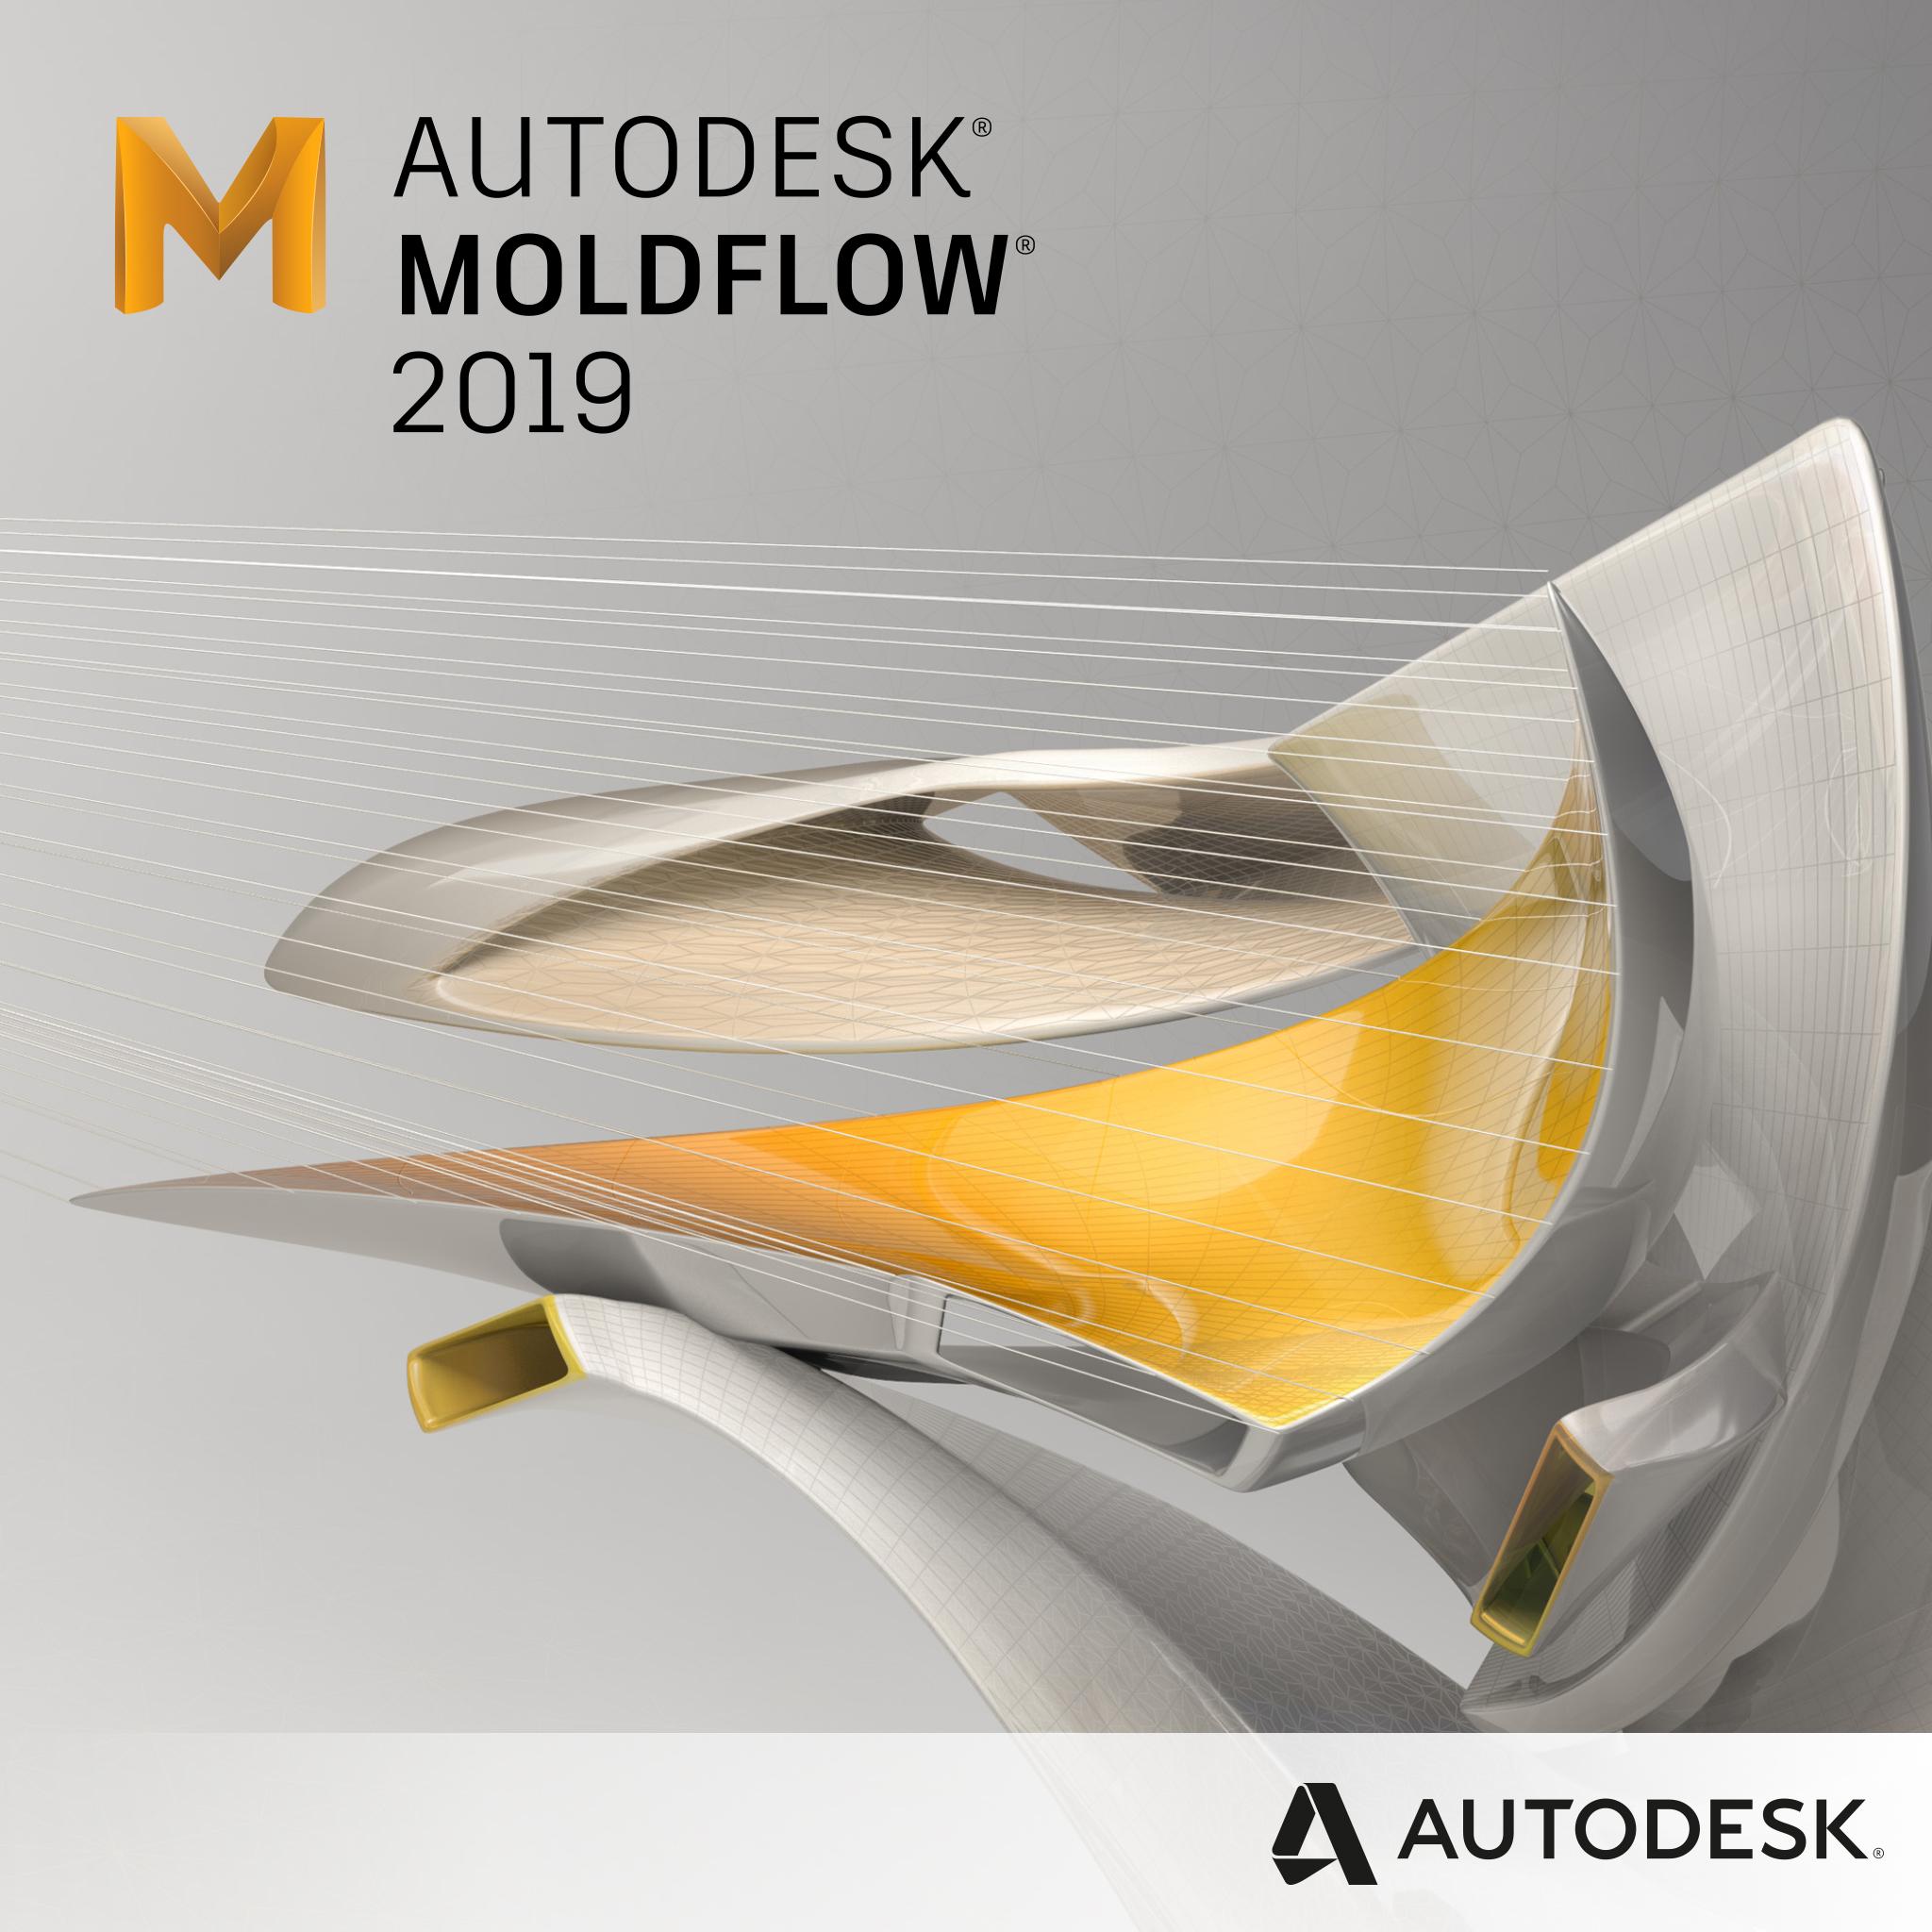 moldflow-2019-badge-2048ppx